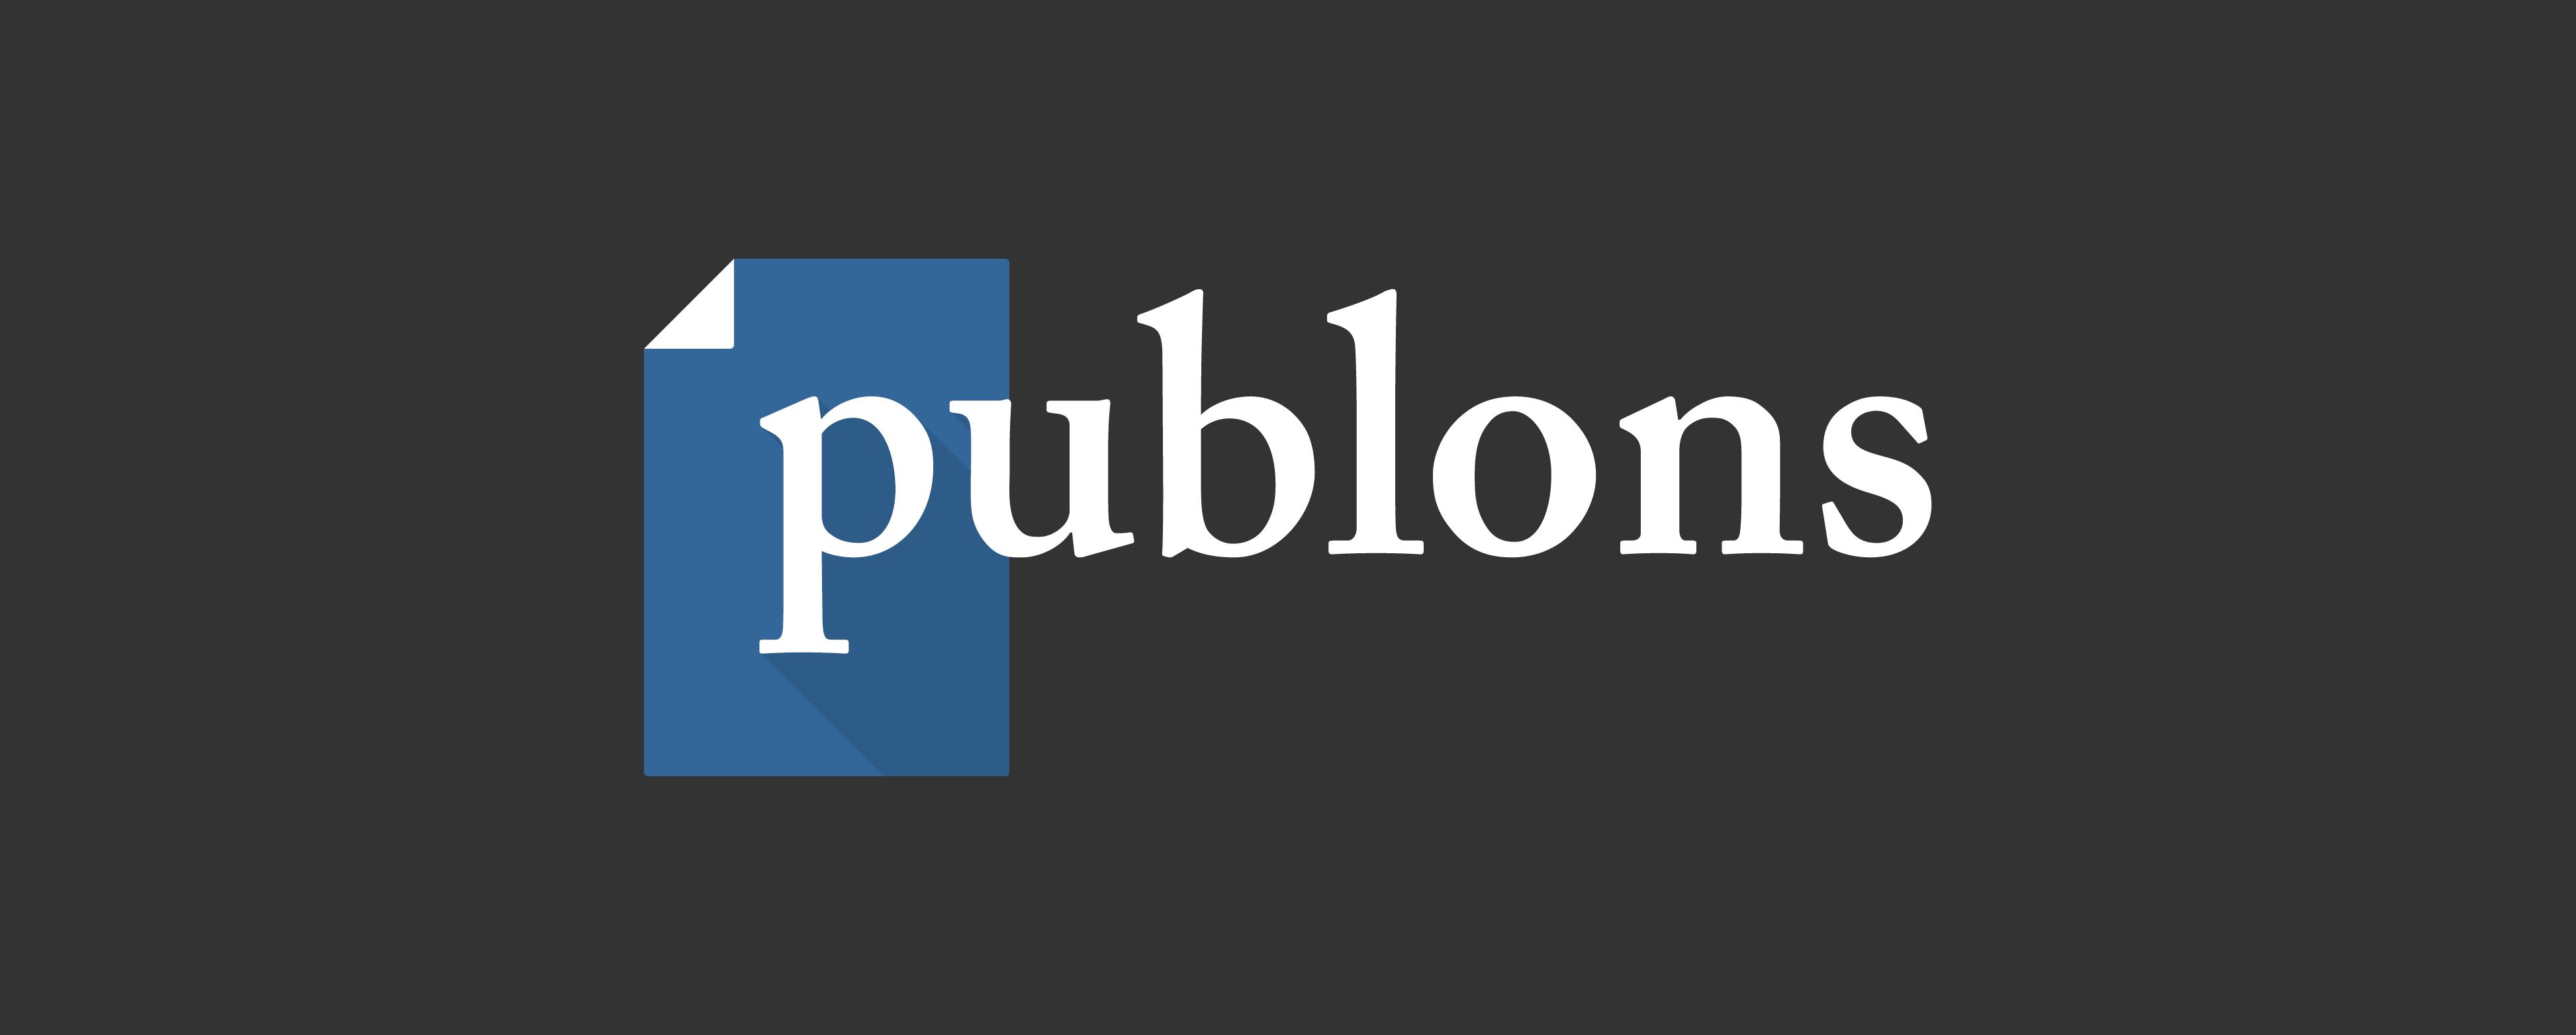 Publons_logo.png